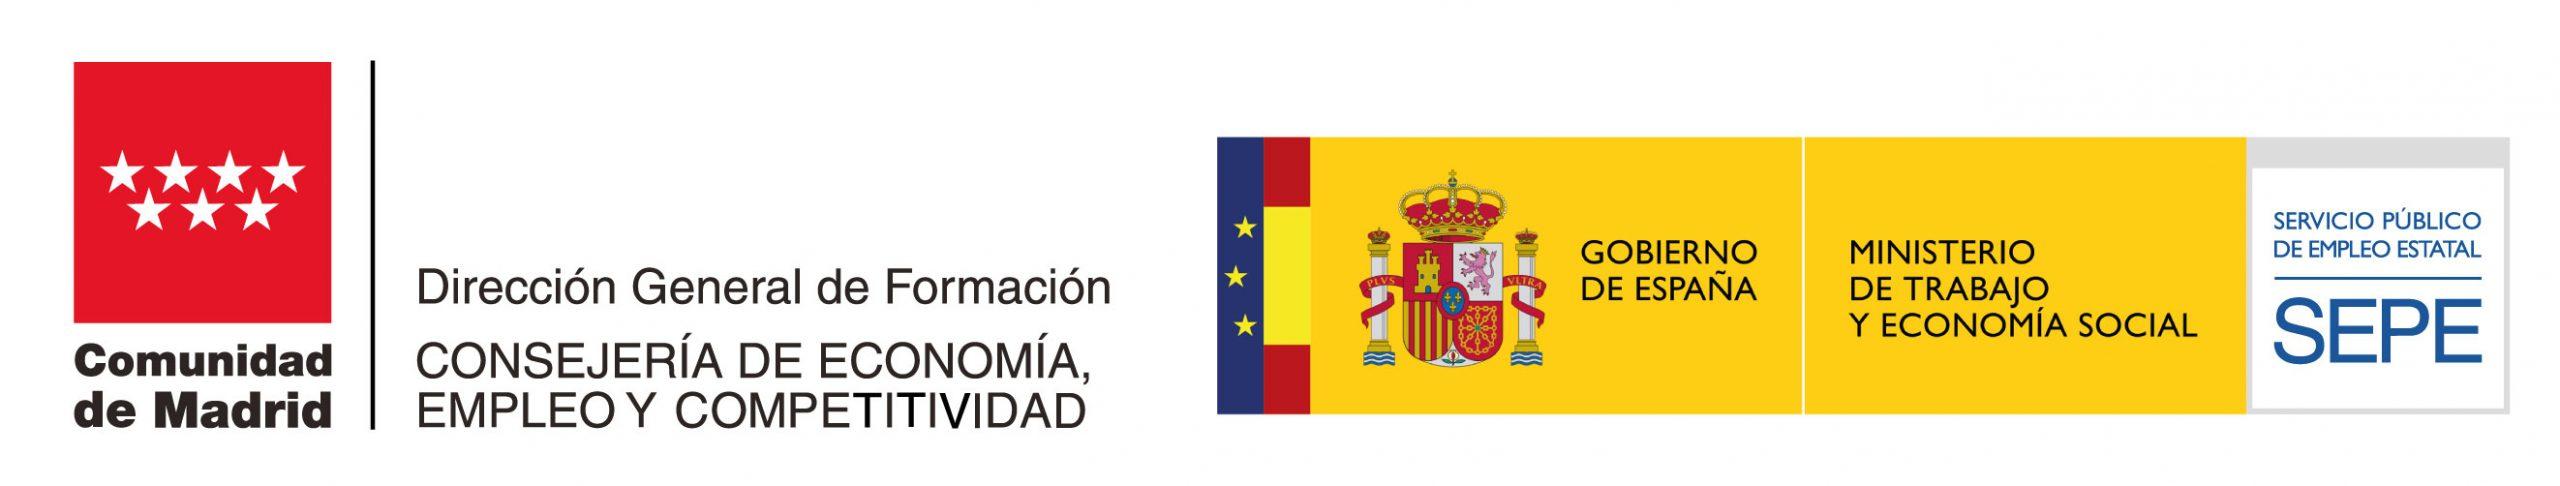 img-logo-entidades-madrid-2020